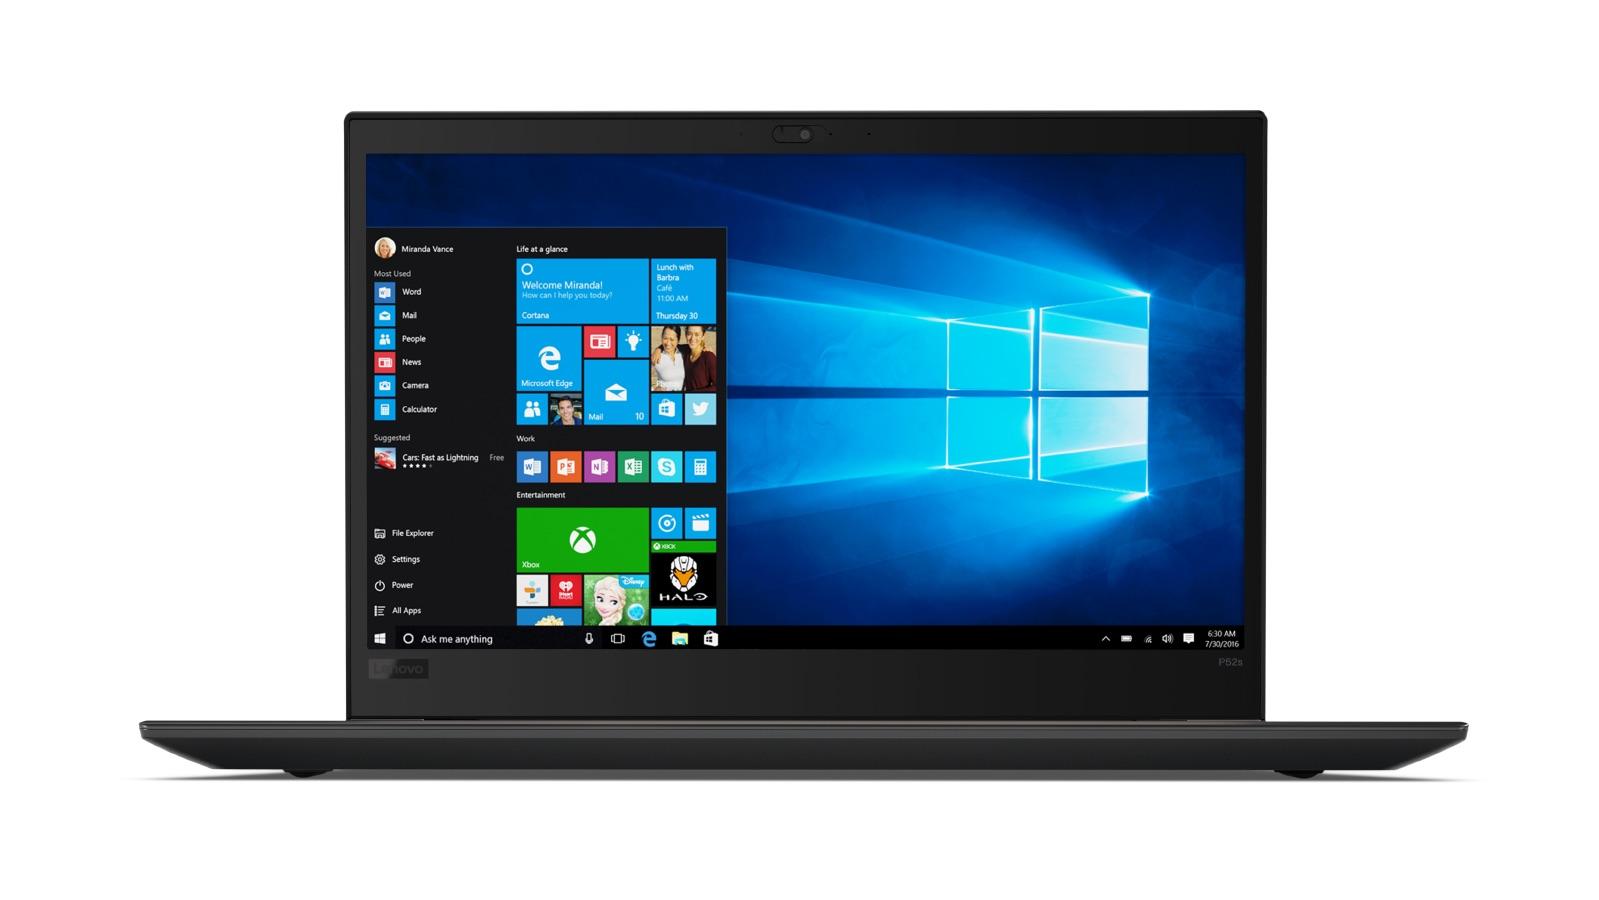 Lenovo Thinkpad P52s 15.6F/i7-8650U/512SSD/32GB/P500 2G GDDR5/F/W10P/černý + monitor X24-20 ZDARMA